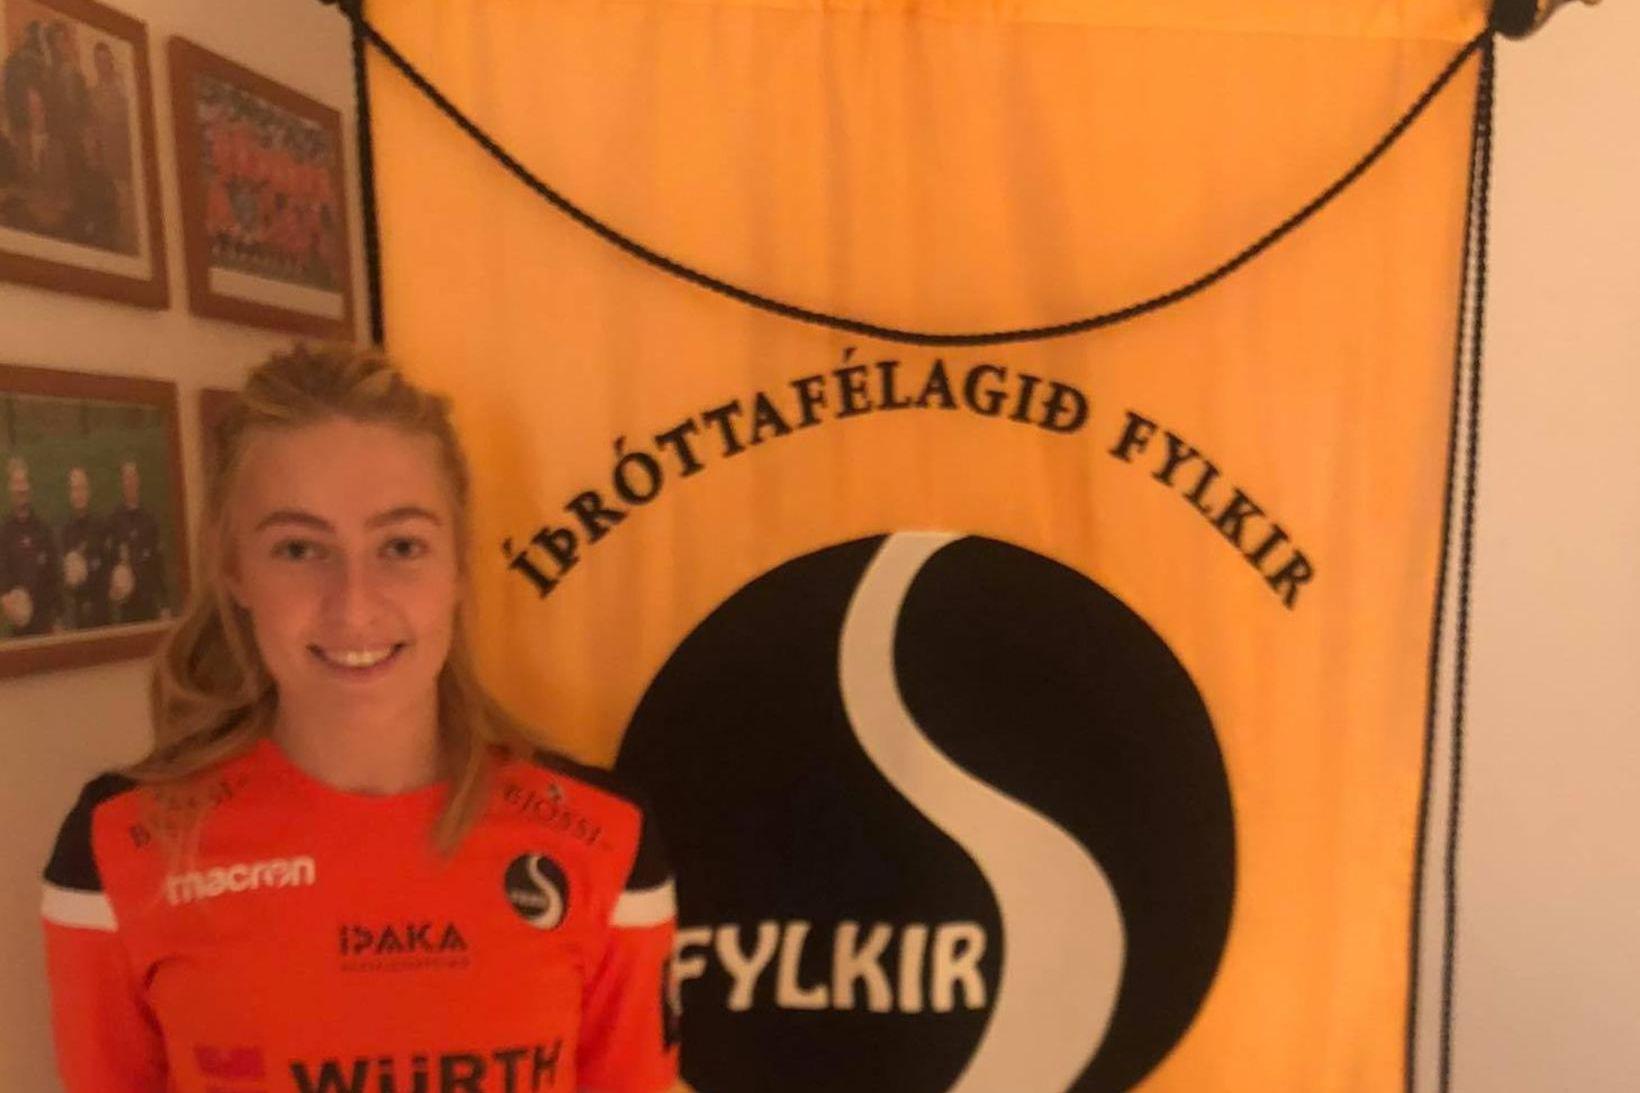 Sæunn Björnsdóttir leikur með Fylki á komandi keppnistímabili.